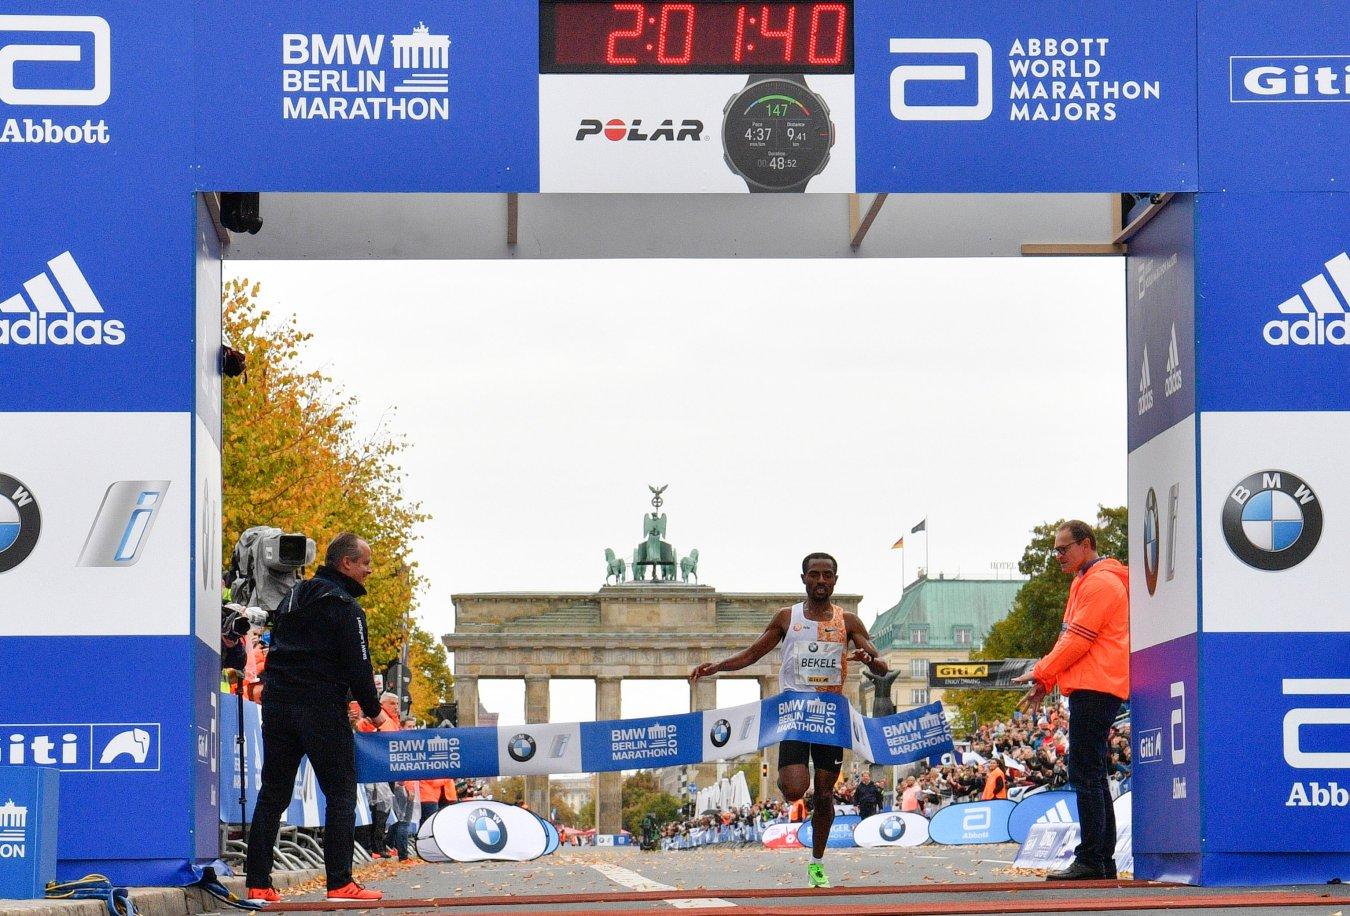 2. Kenenisa Bekele, 2h 01:41 (Berlino, 2019)